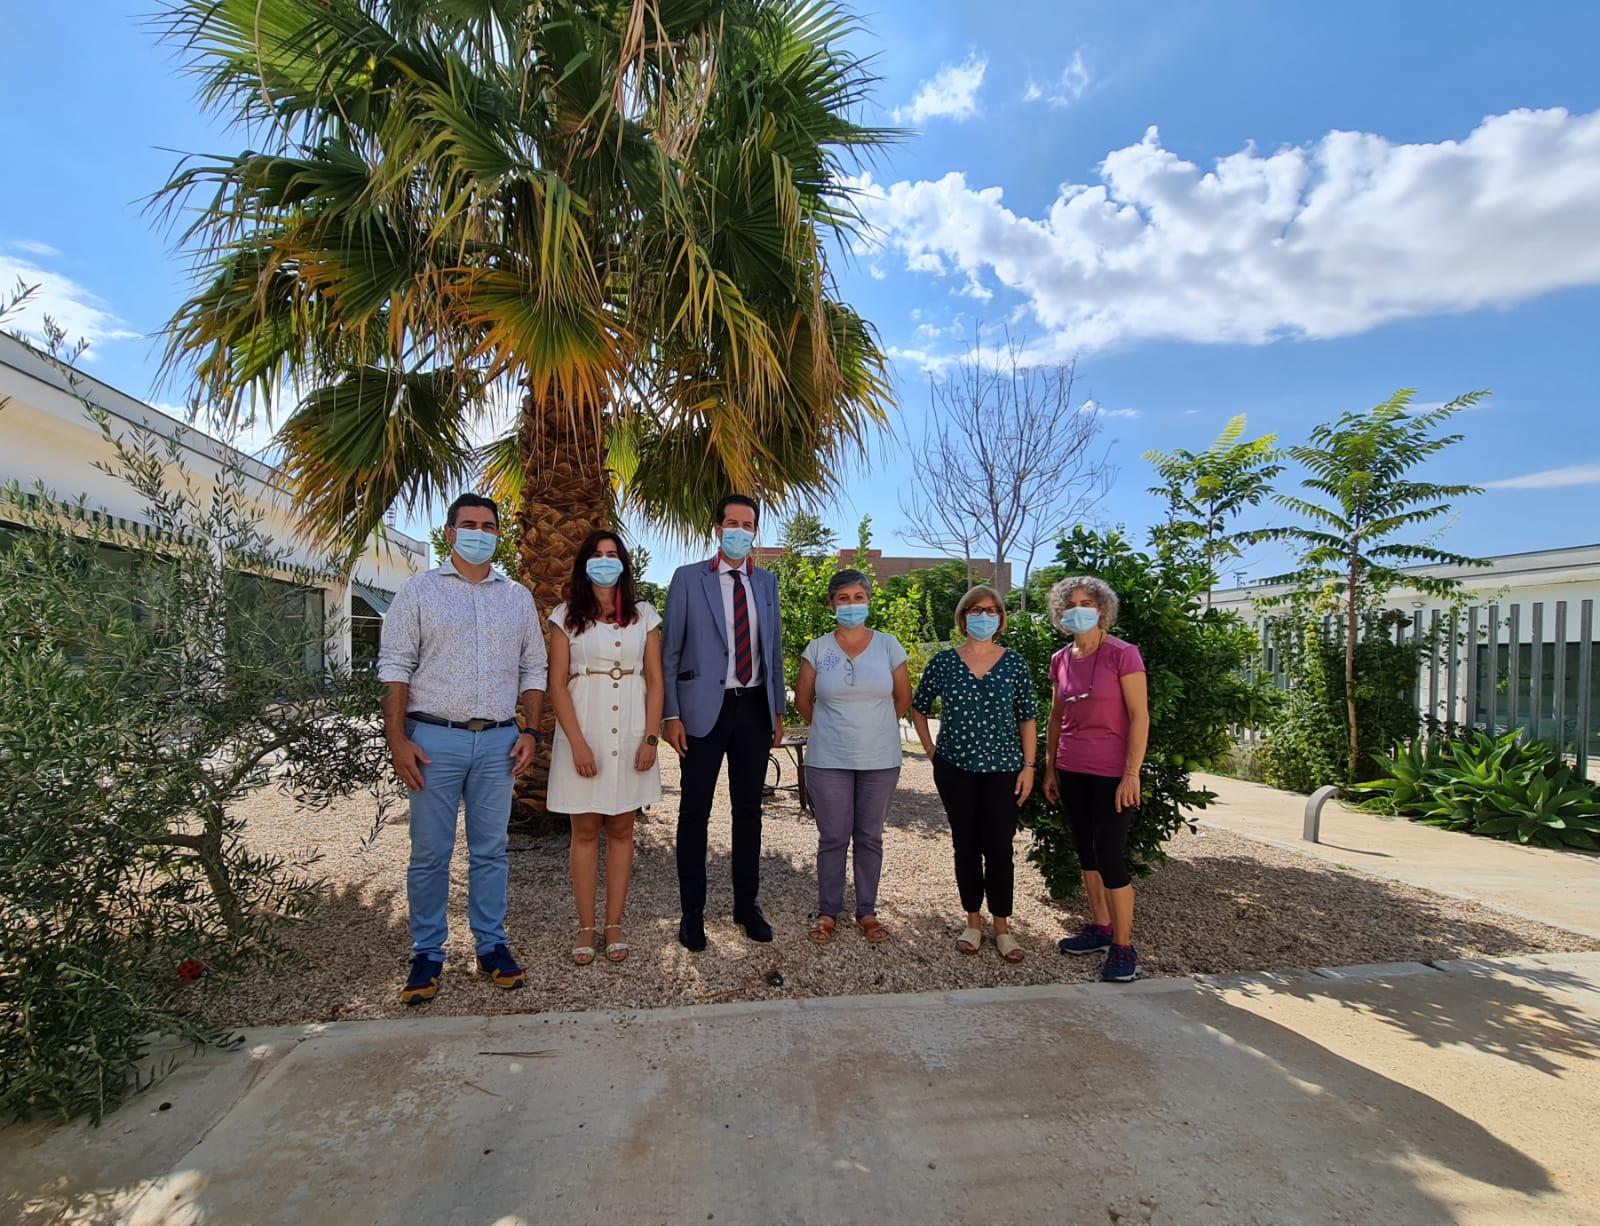 La Asociación de Familiares de Enfermos Mentales recibe una subvención de la Generalitat para ofrecer servicios como Centro de Rehabilitación e Integración Social